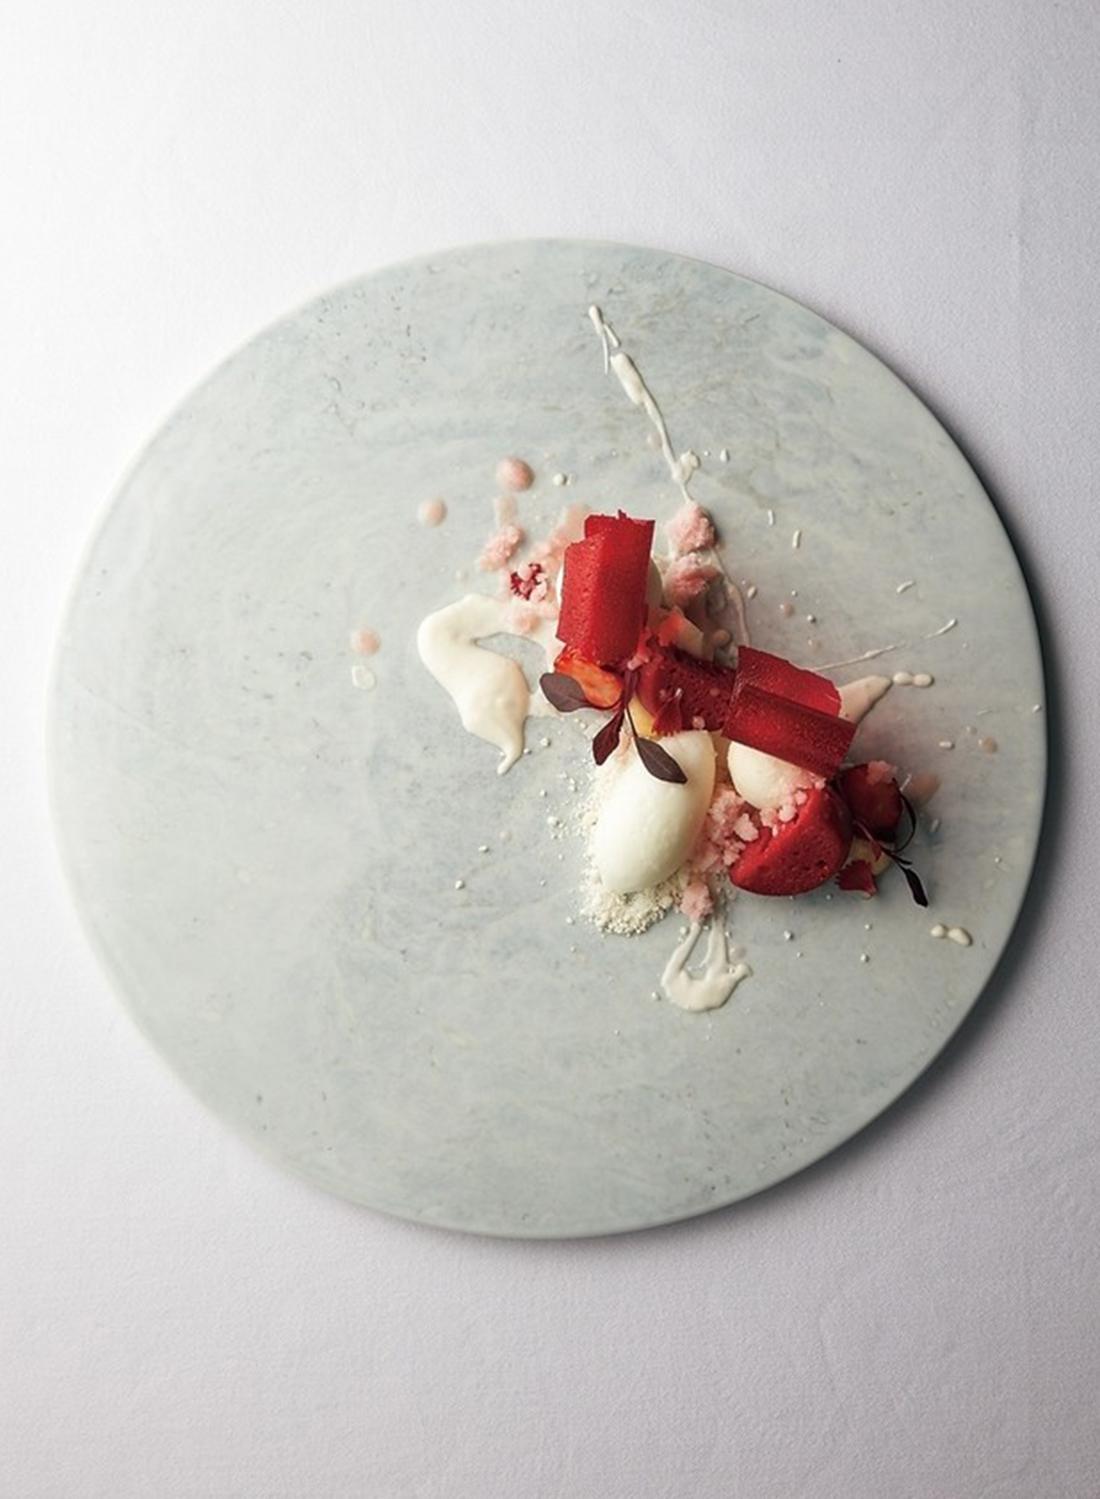 パティシェ山中浩平氏によるイチゴのデザート、遠い日の記憶。